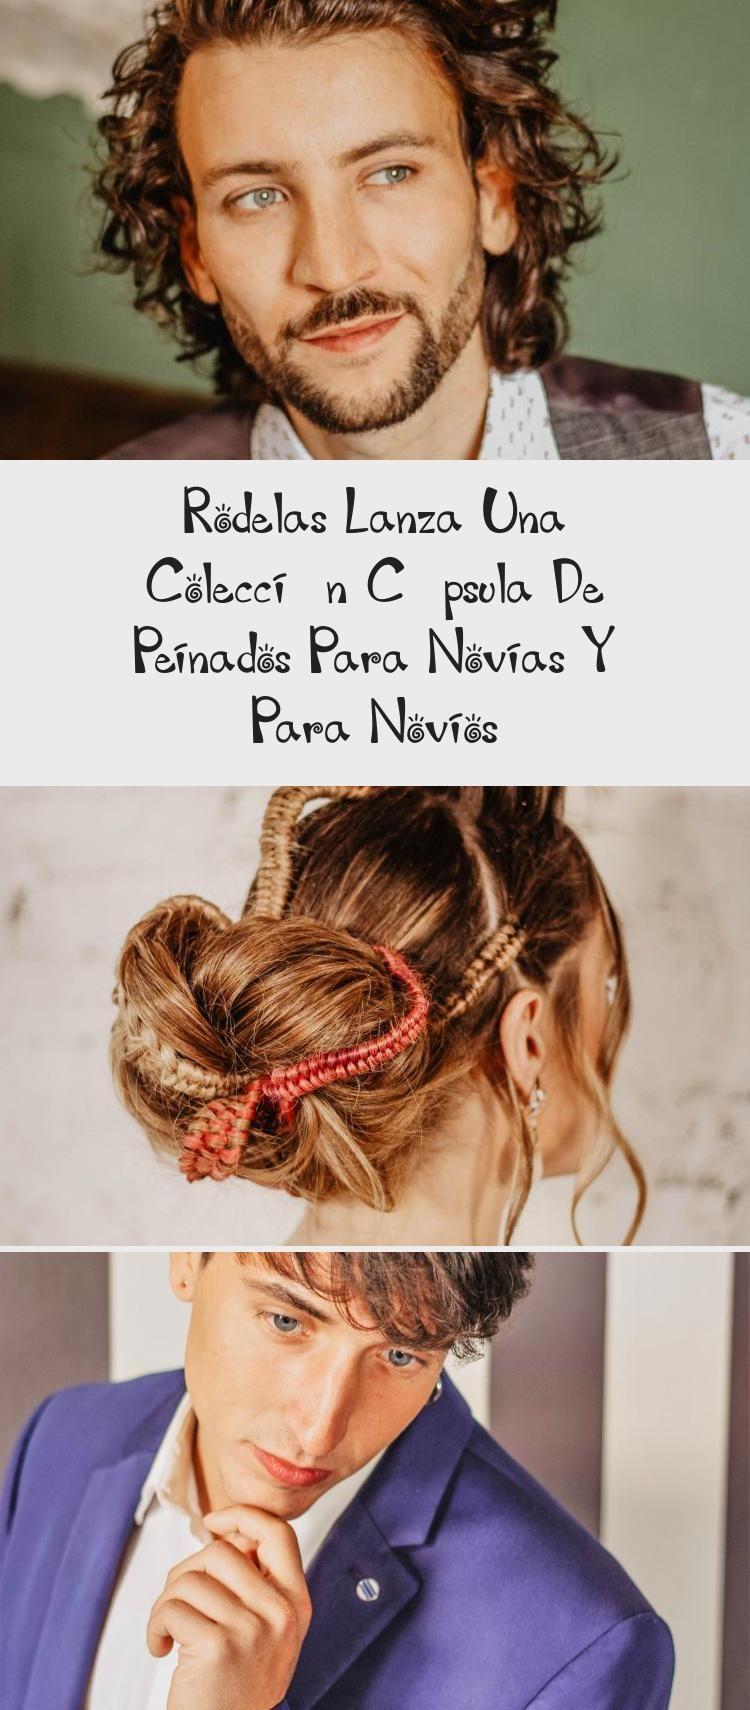 Rodelas Lanza Una Colección Cápsula De Peinados Para Novias Y Para Novios – Wedding Hair